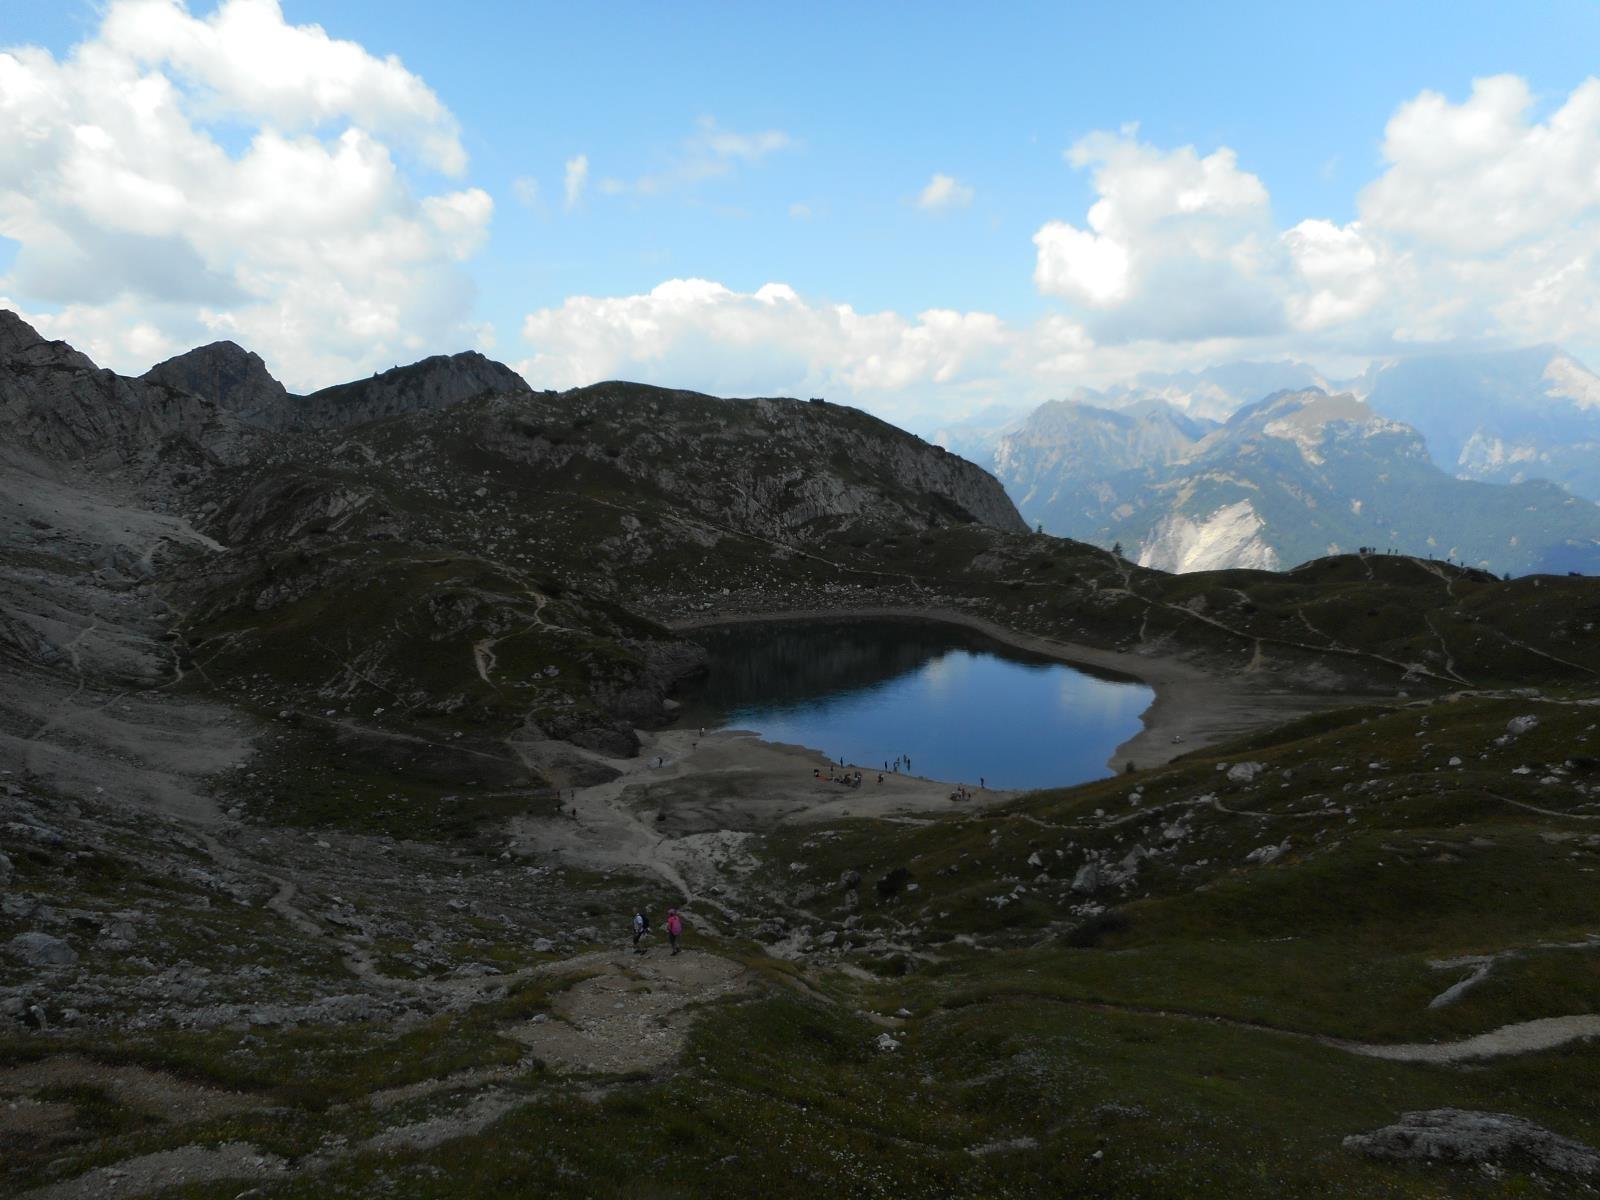 El lago del Coldai (2143m), versant Ouest de la Civetta